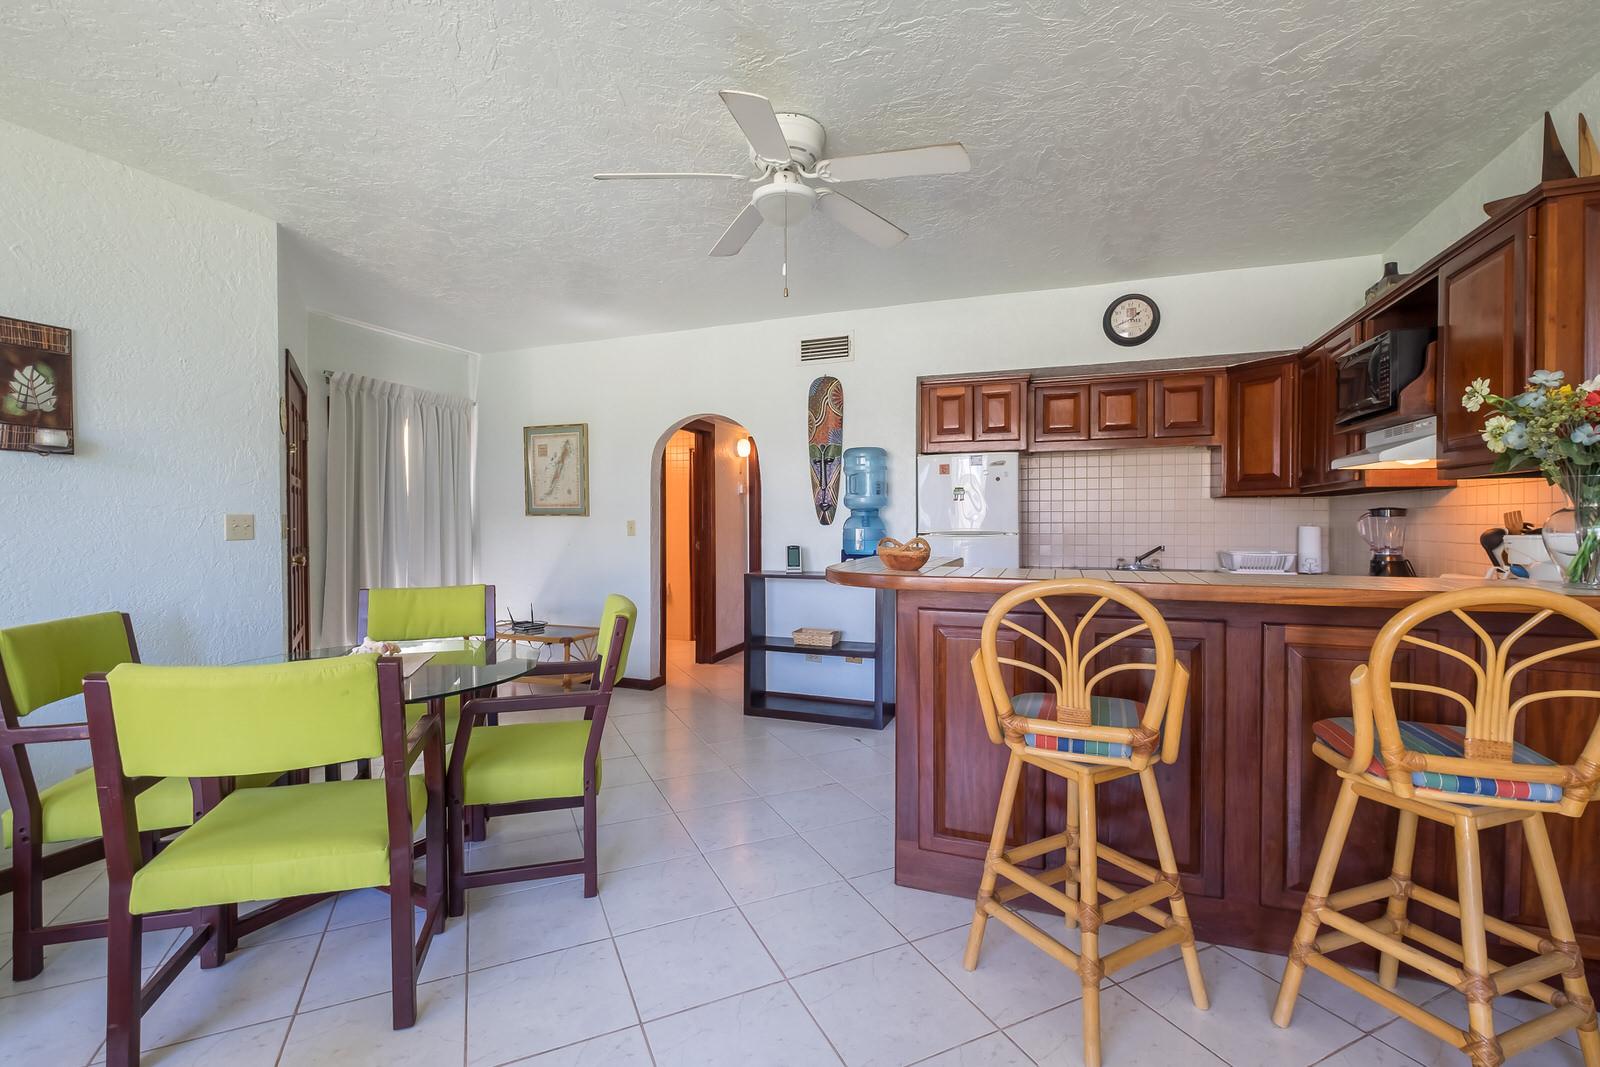 Royal Palm 8c interior-9.jpg